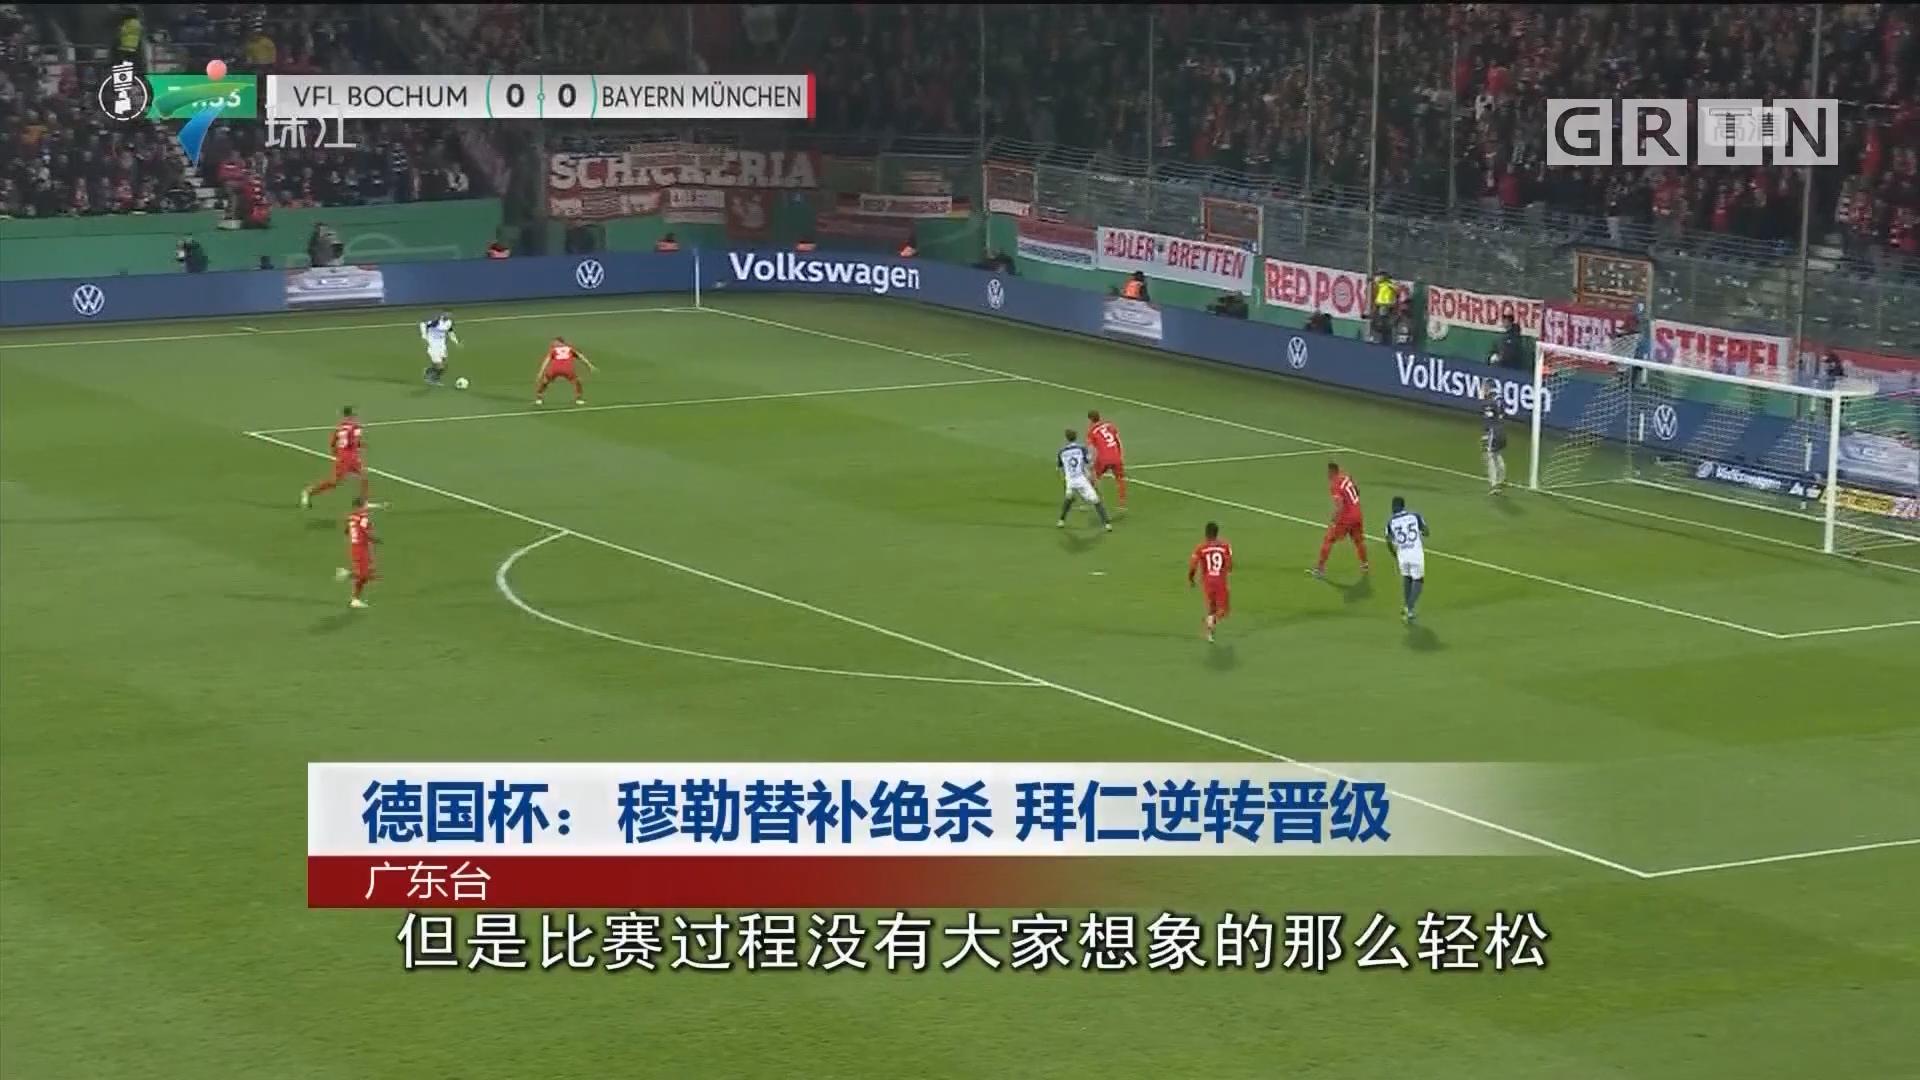 德国杯:穆勒替补绝杀 拜仁逆转晋级